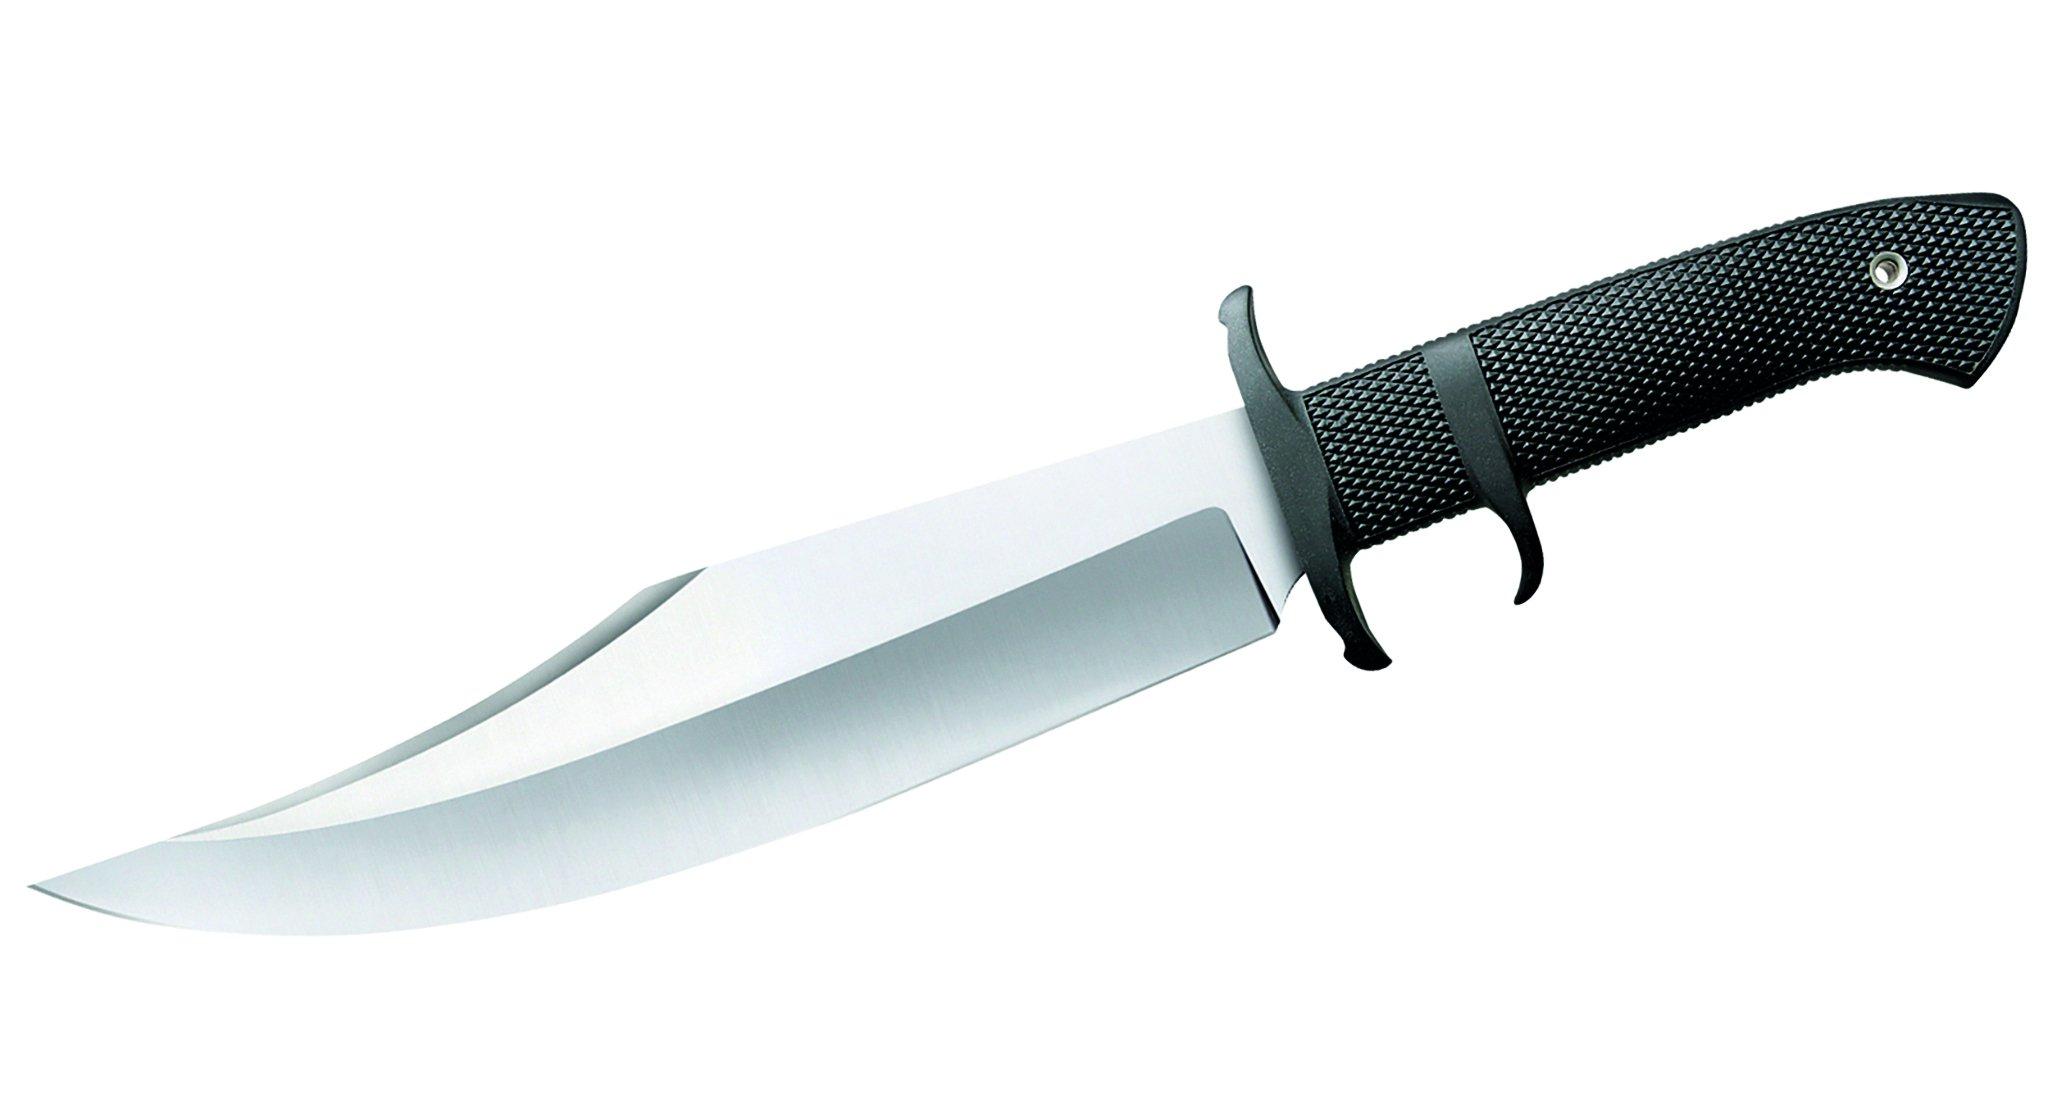 Cuchillo Merodeador Cold Steel 39LSWB